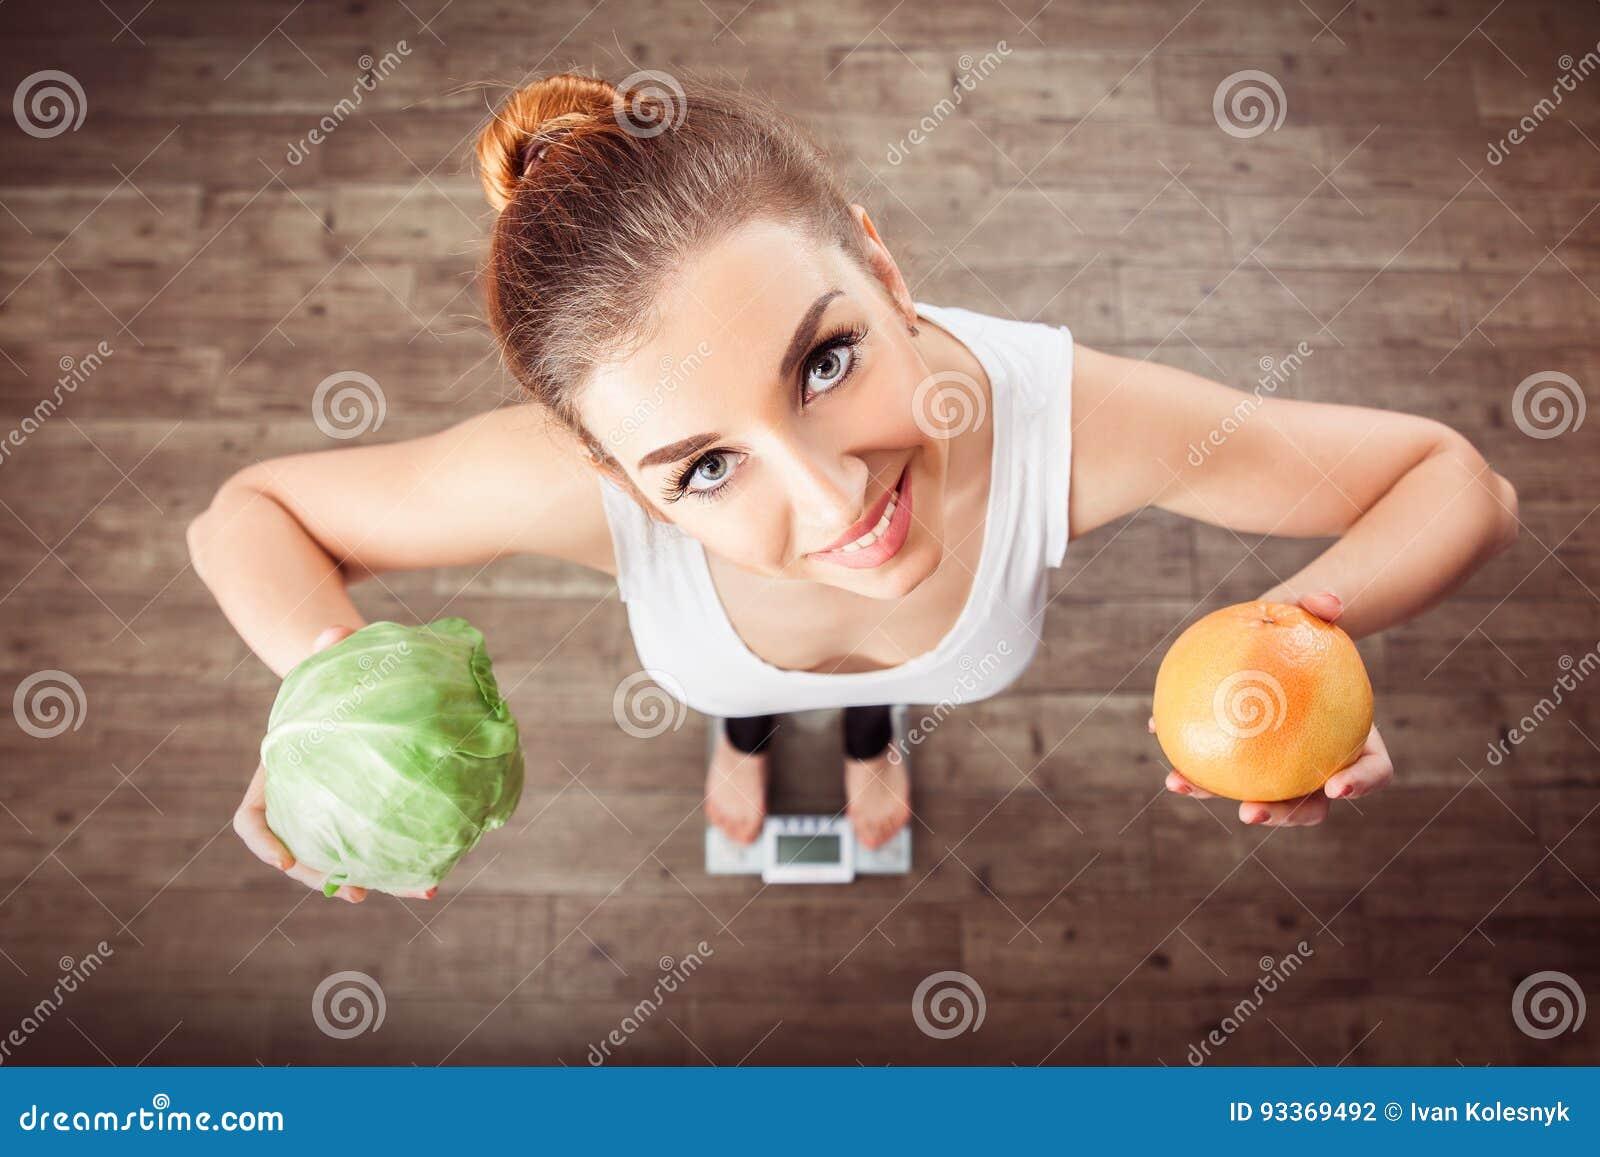 Ευρωπαϊκές στάσεις κοριτσιών στις κλίμακες και την εκμετάλλευση ένα λάχανο και grapefr